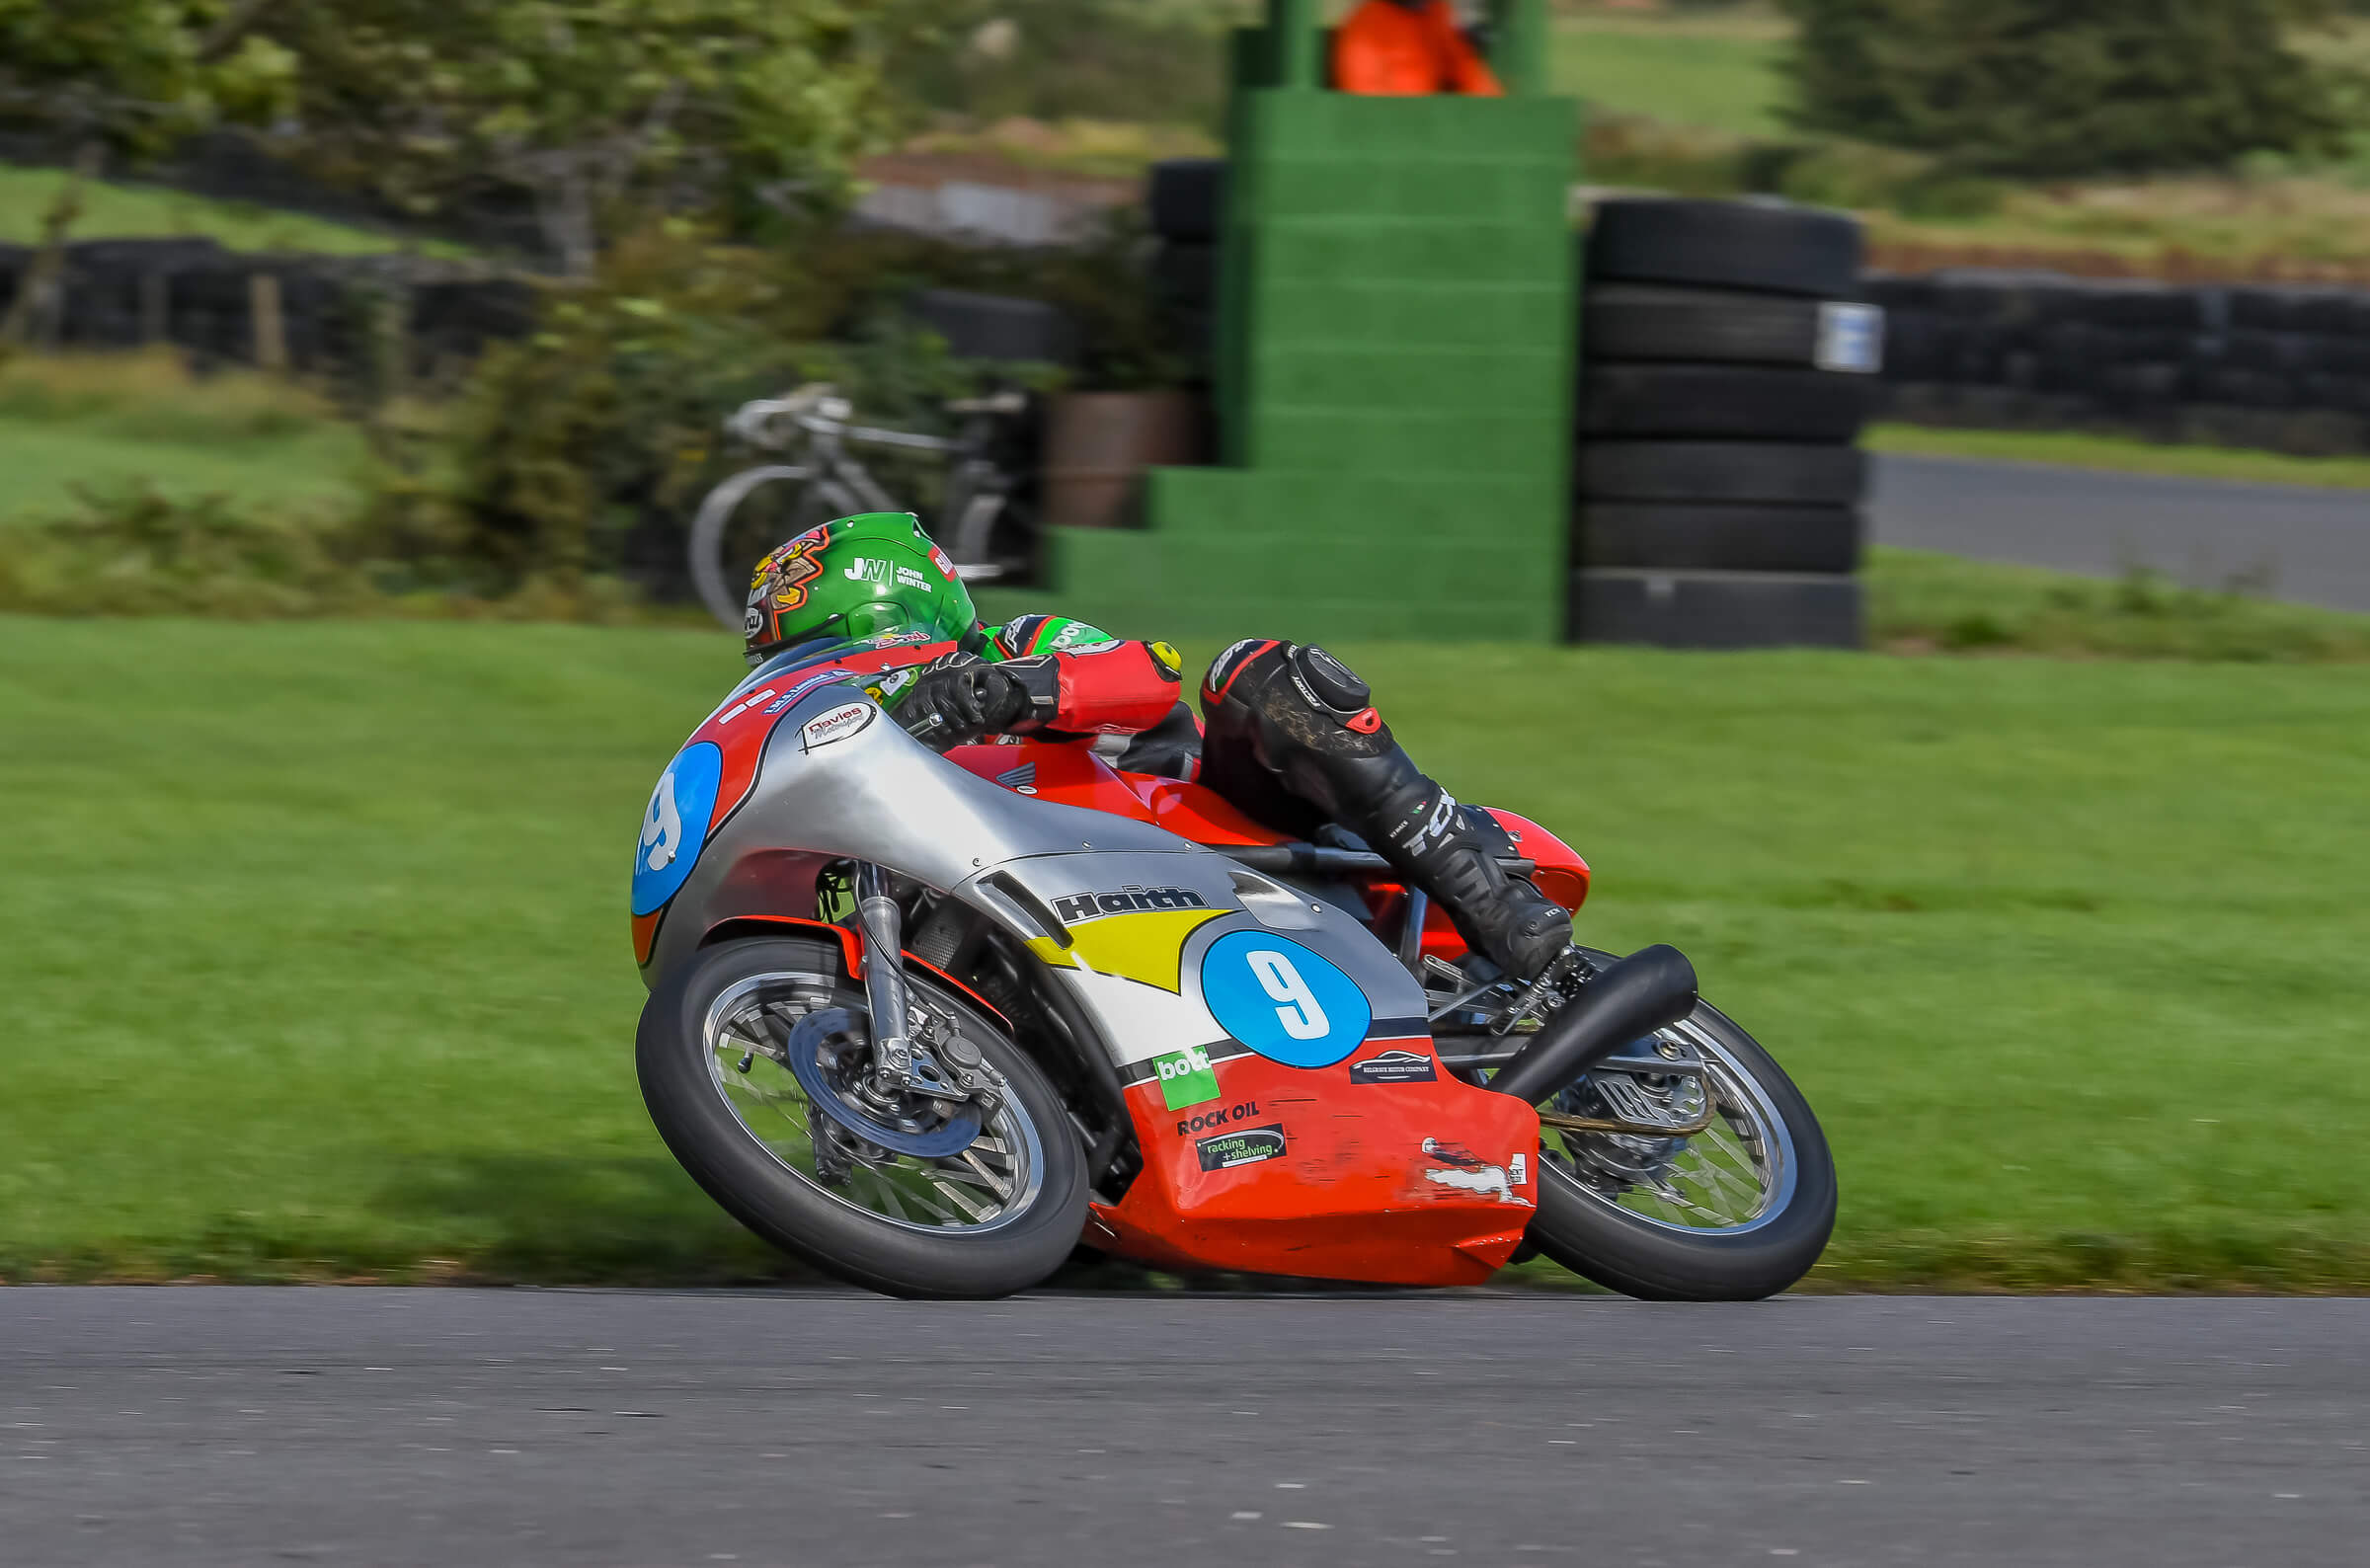 Road Racer's Adventures: CRMC, Darley Moor